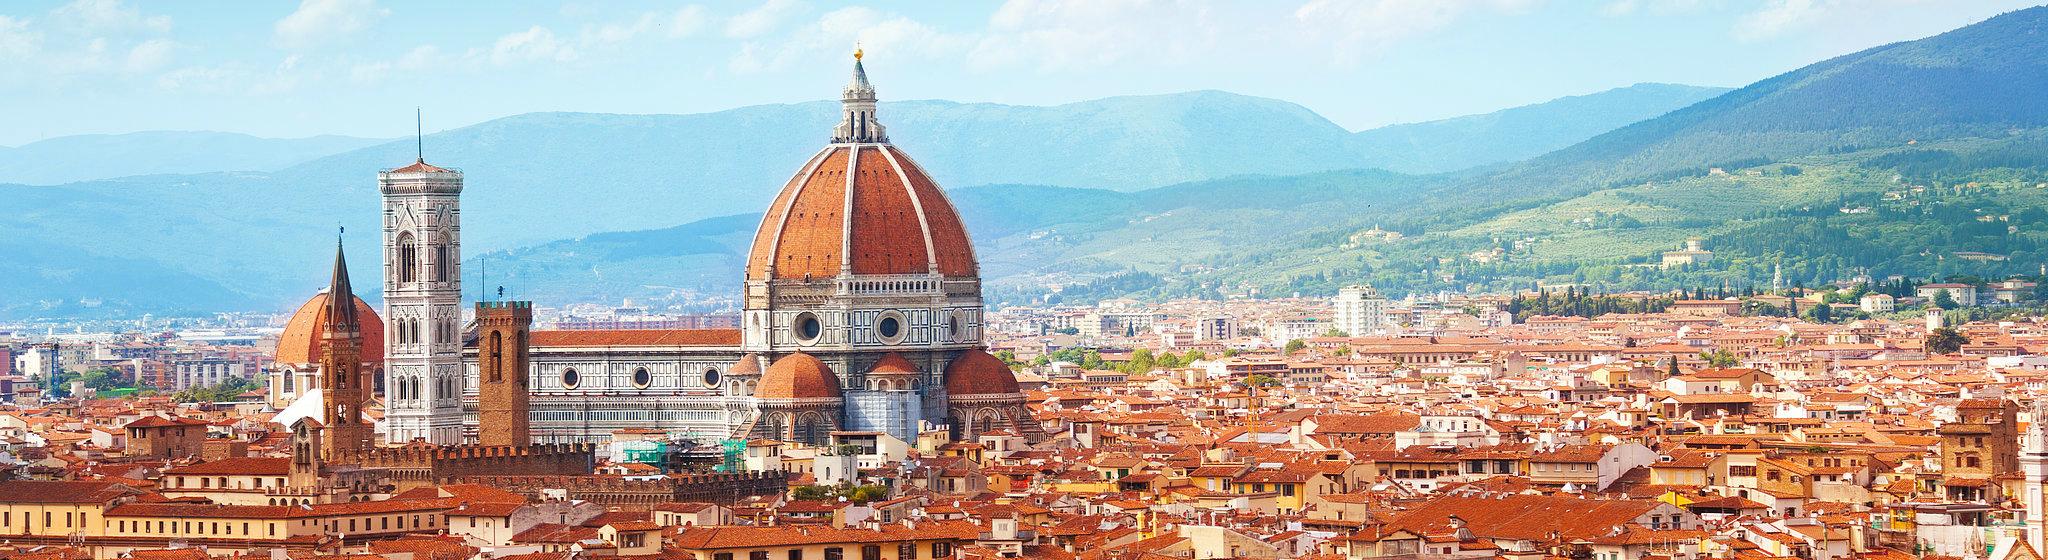 Образование в Италии: плюсы и процесс поступления